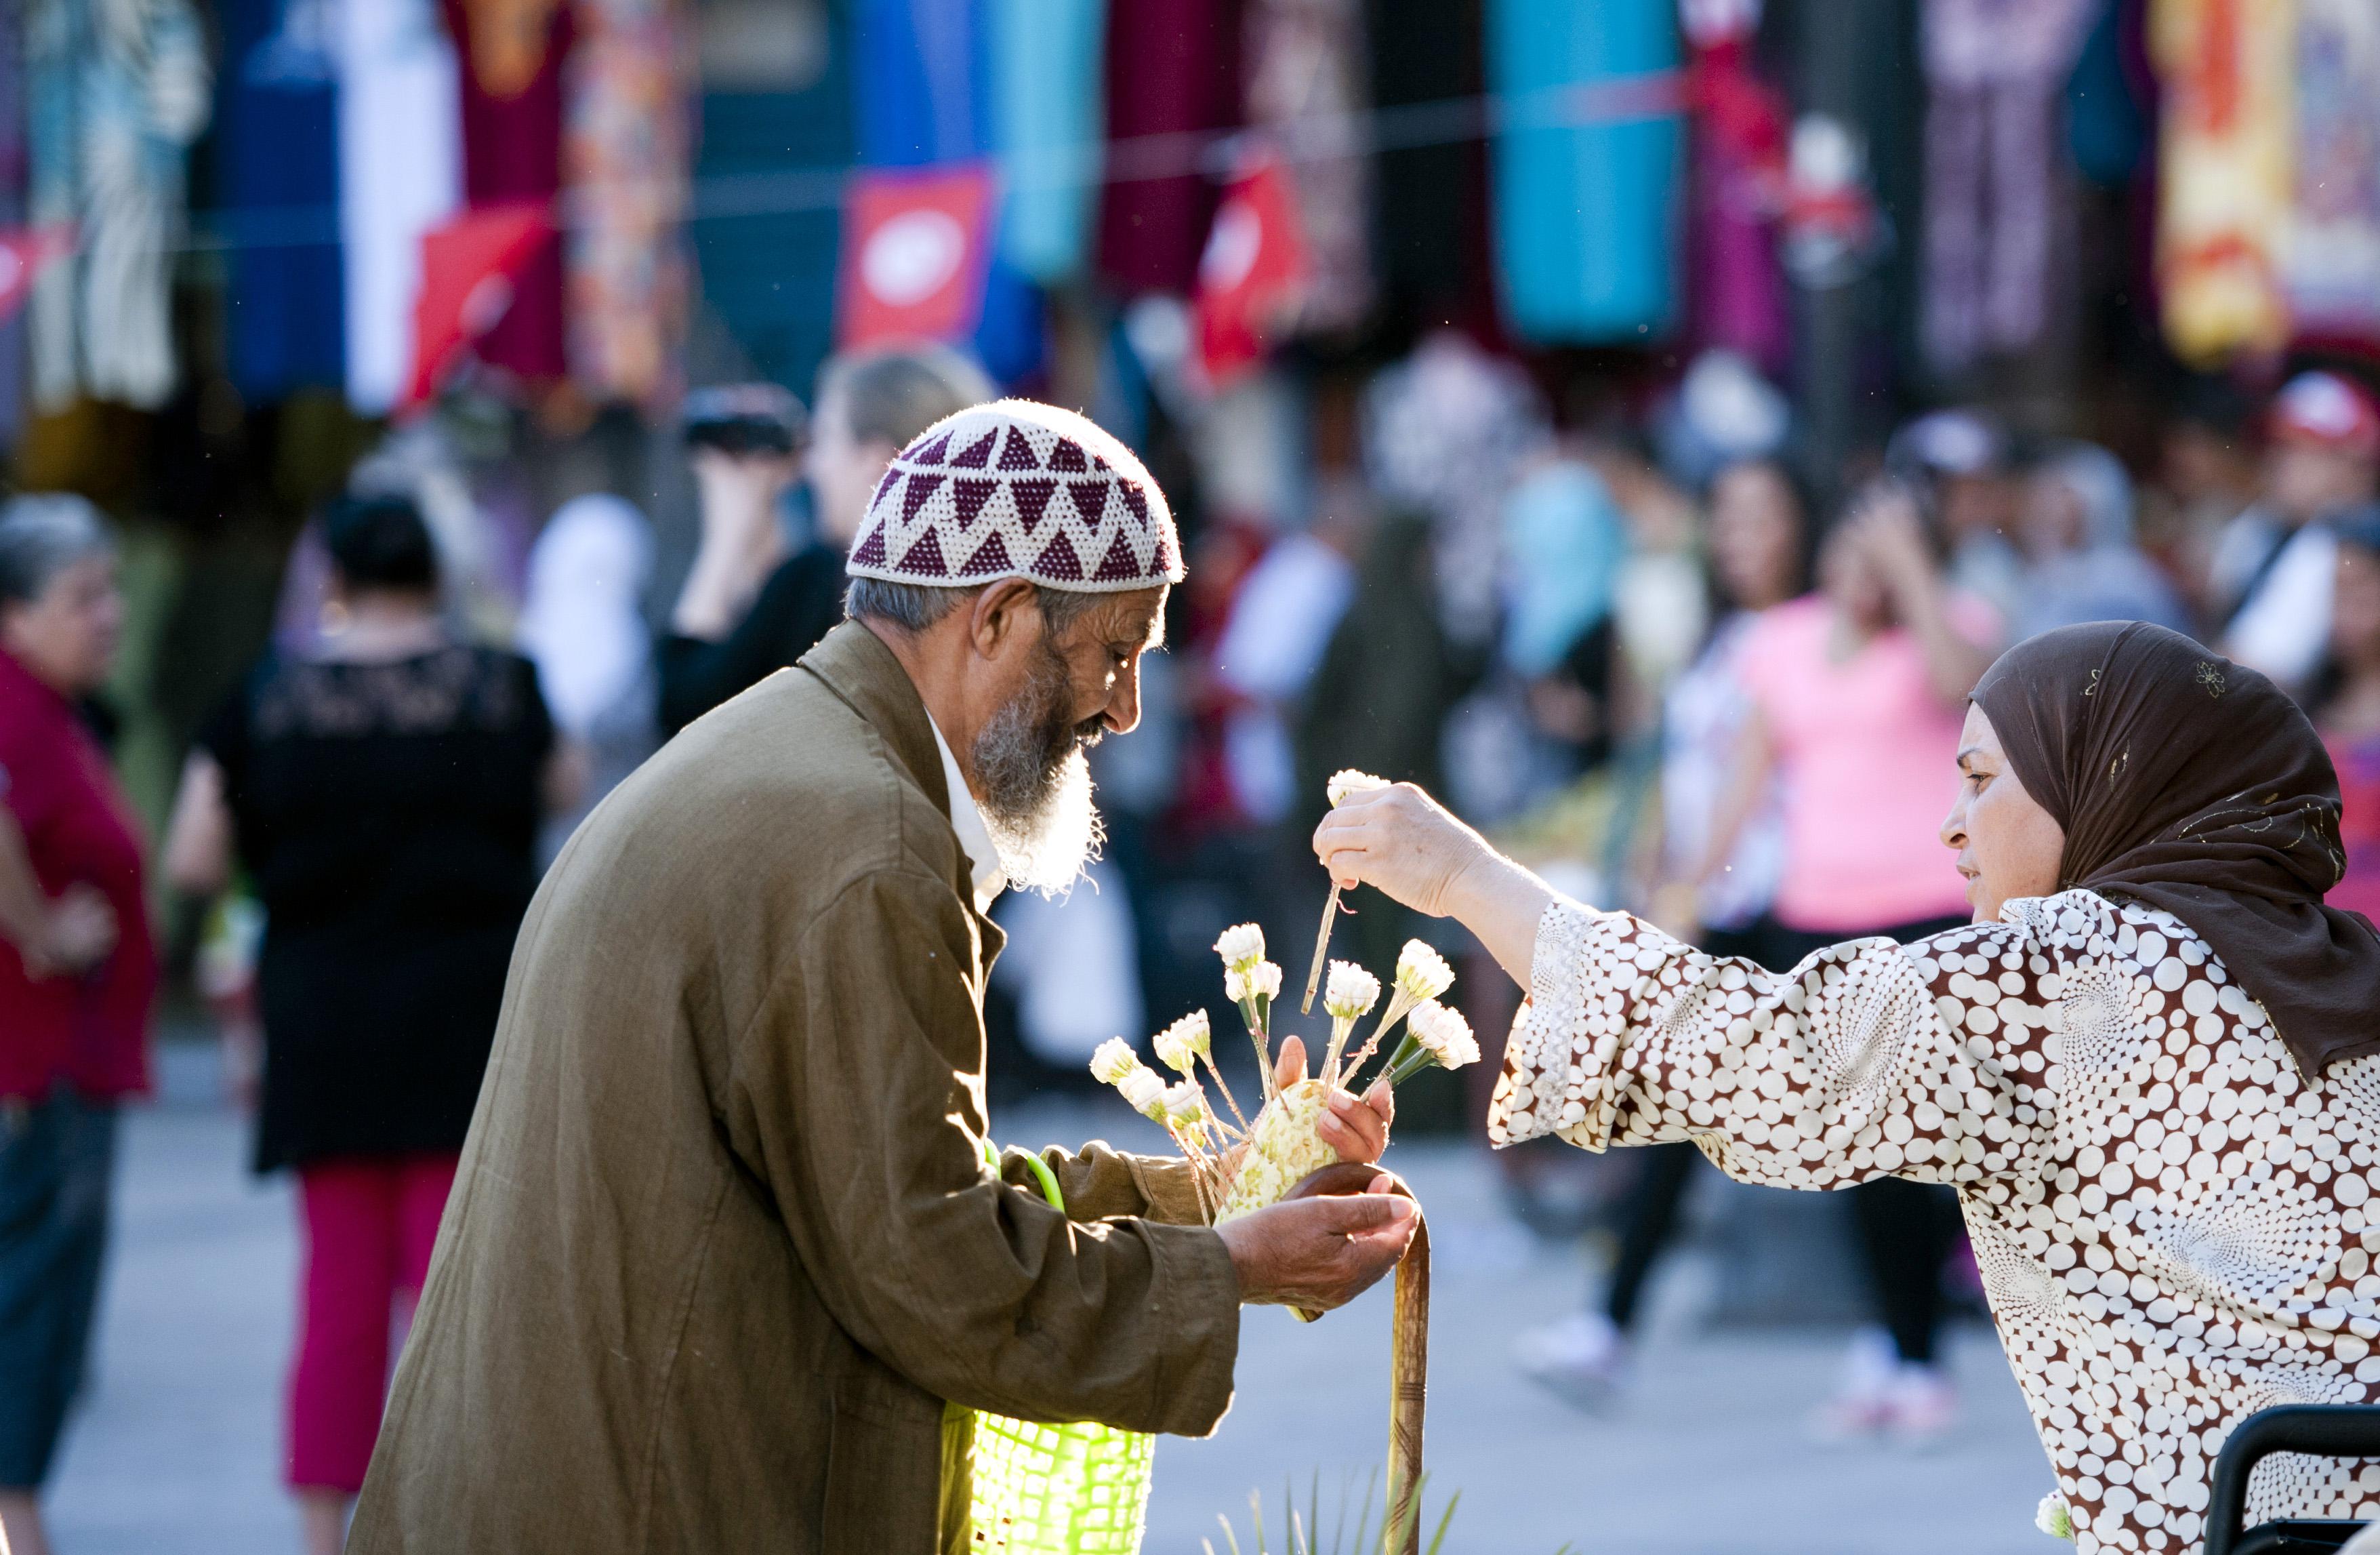 Ein Mann verkauft Blumen an eine Passantin der Altstadt von Tunis.